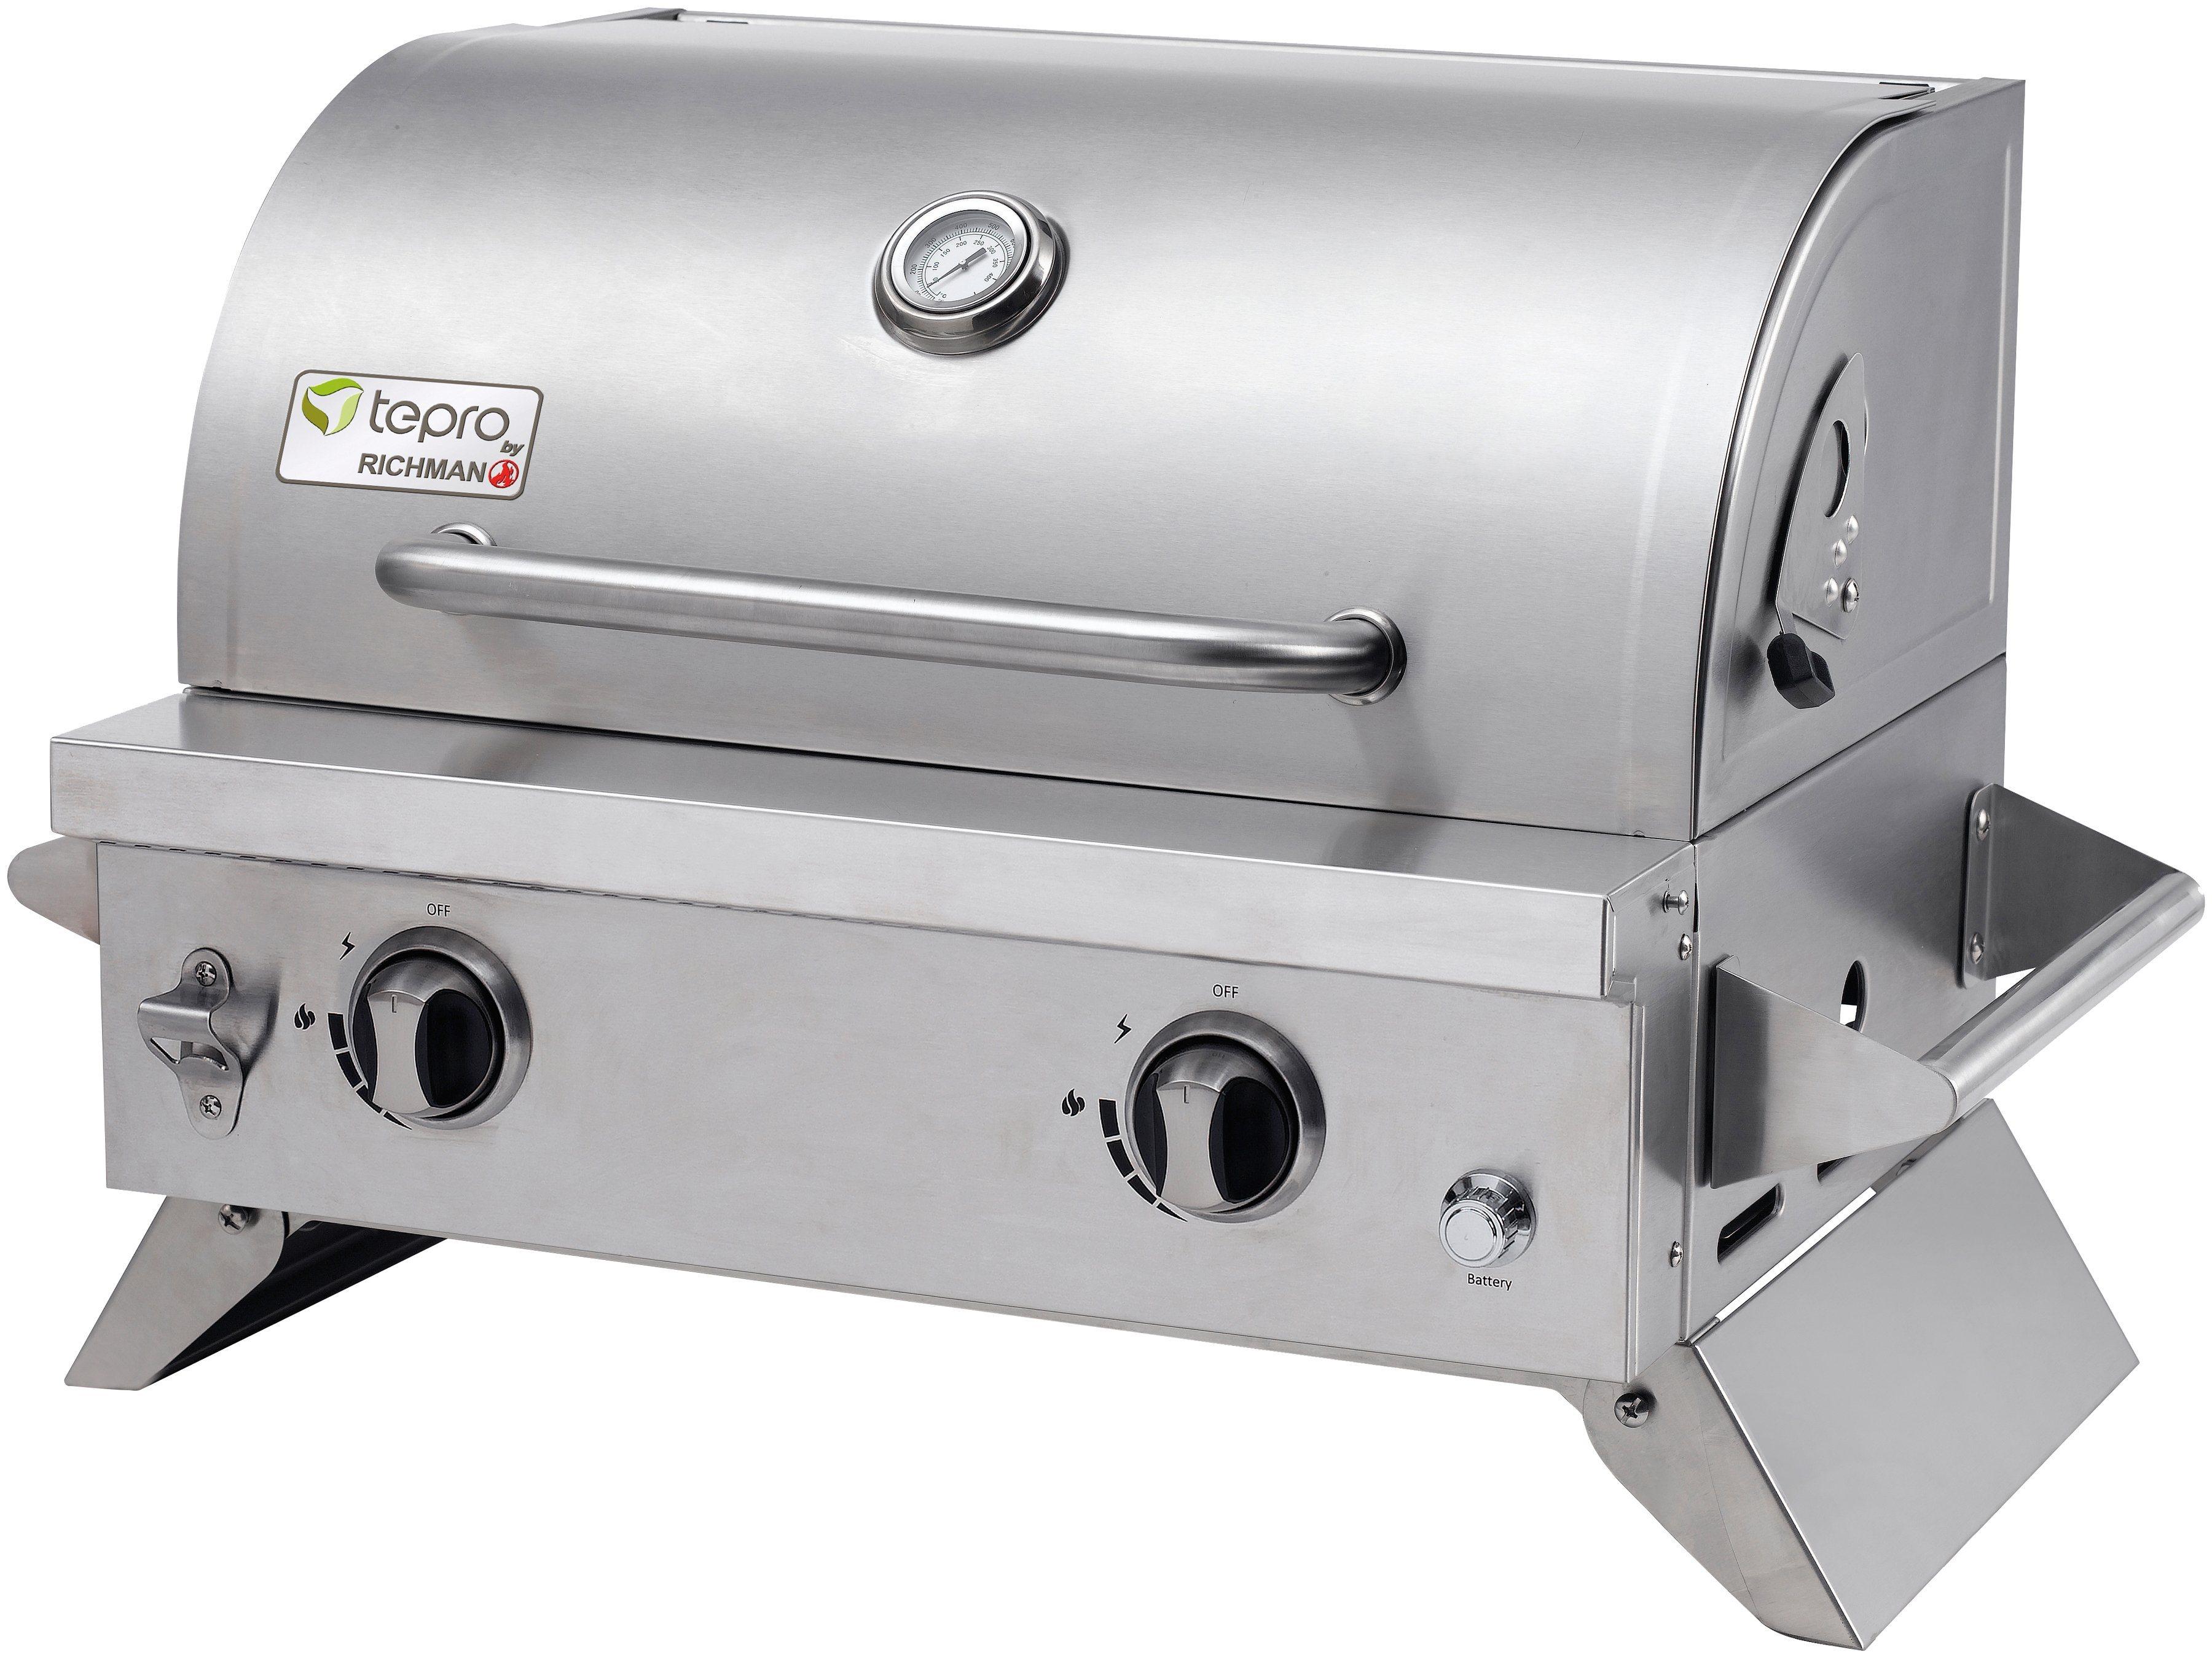 Rösle Gasgrill G3 Zubehör : Palazzetti grillgeräte online kaufen möbel suchmaschine